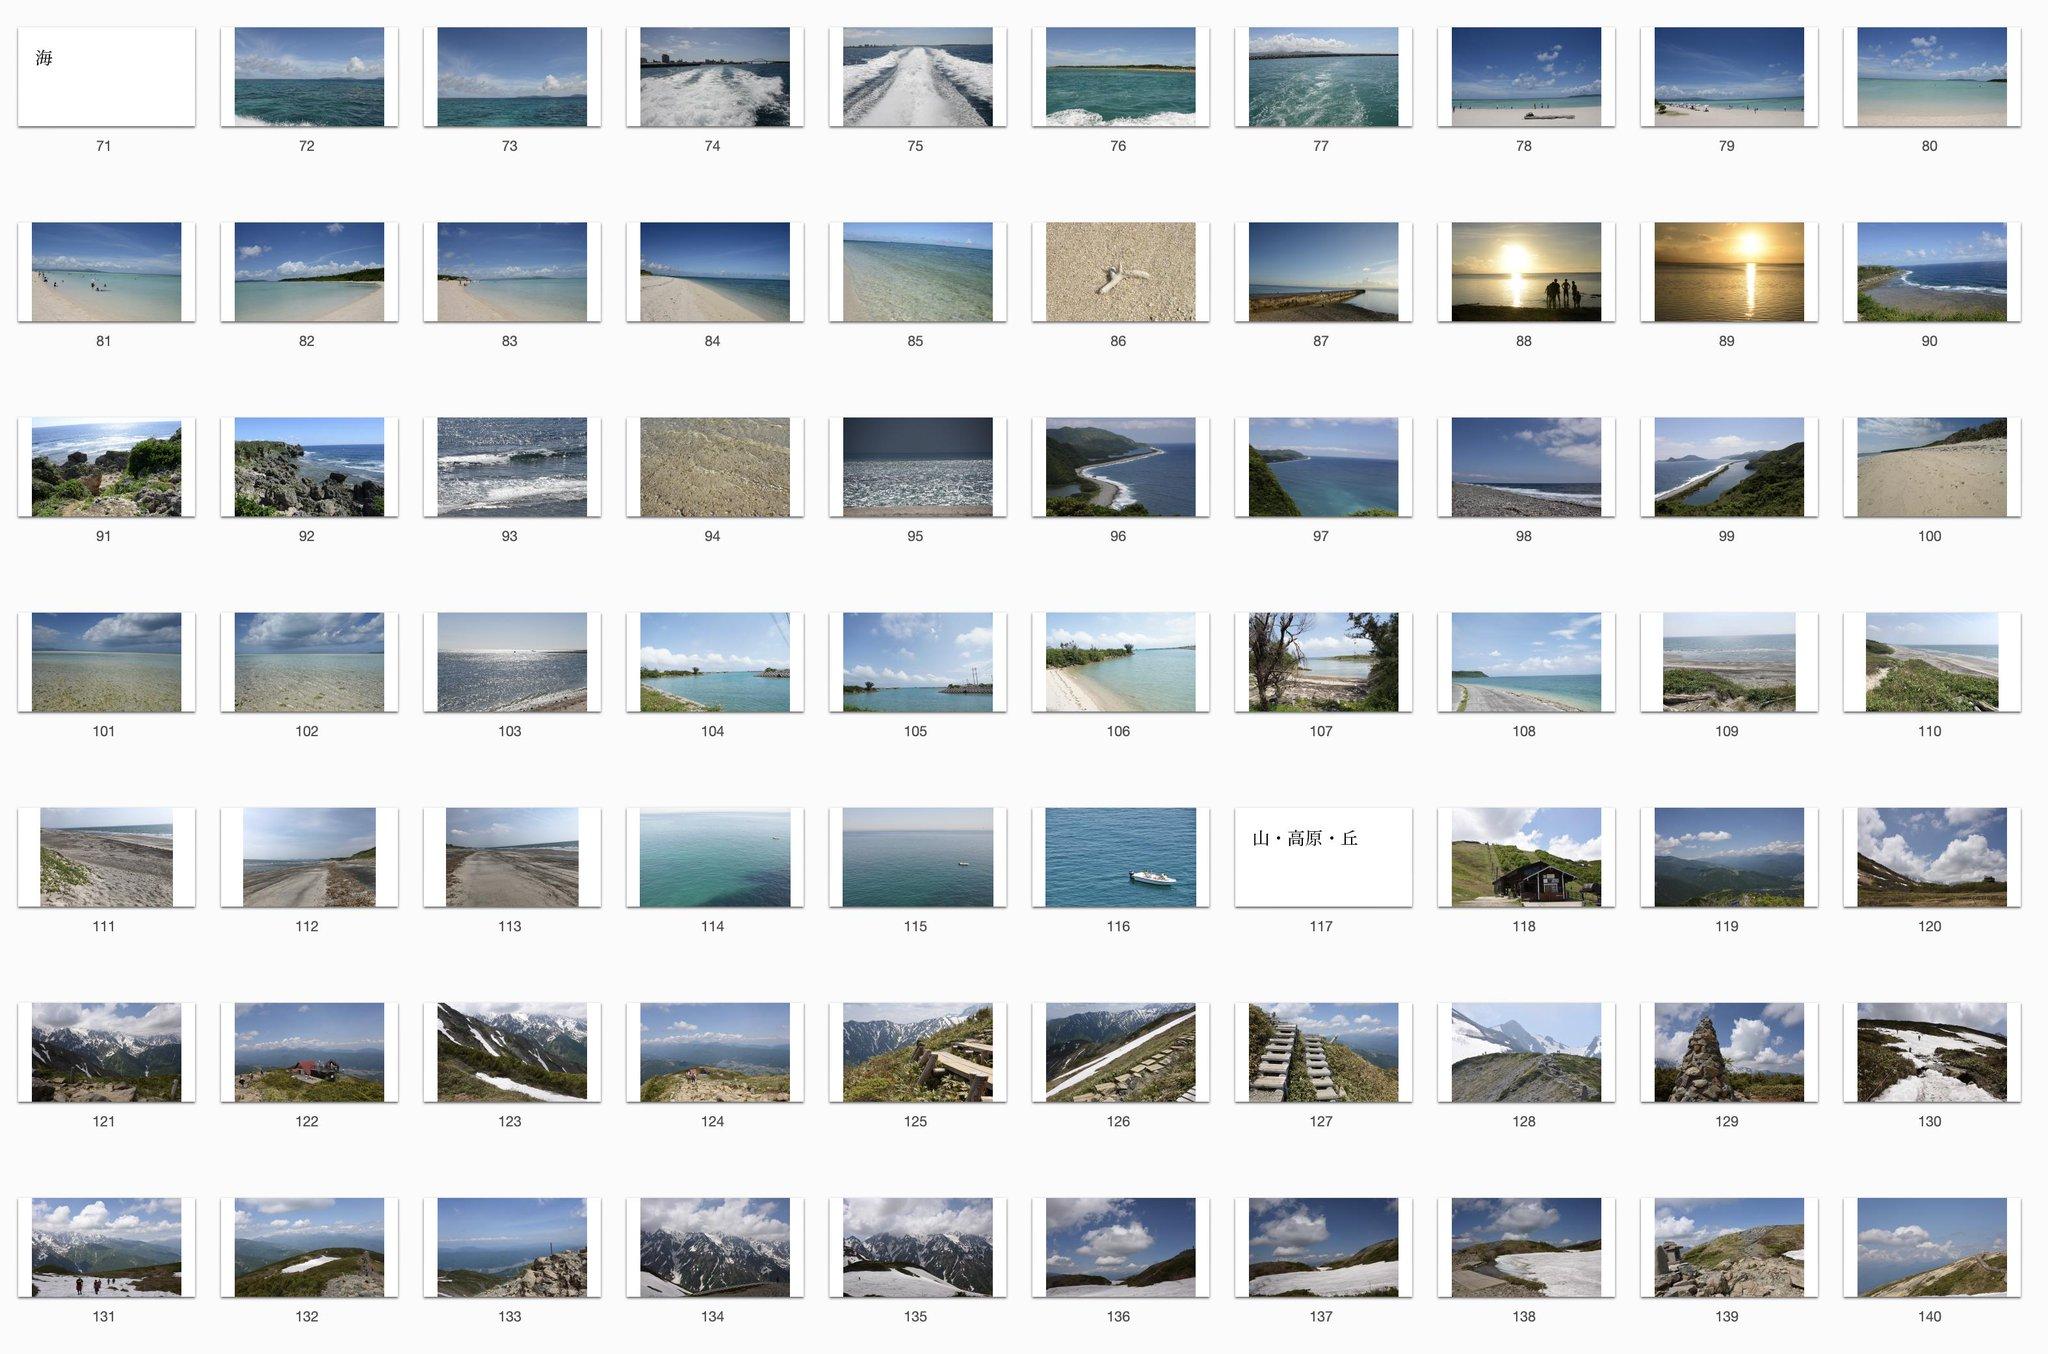 自然写真を収めた電子書籍の背景資料集。トレースや背景加工もOKだそうです。無料キャンペーンうれしいですね。